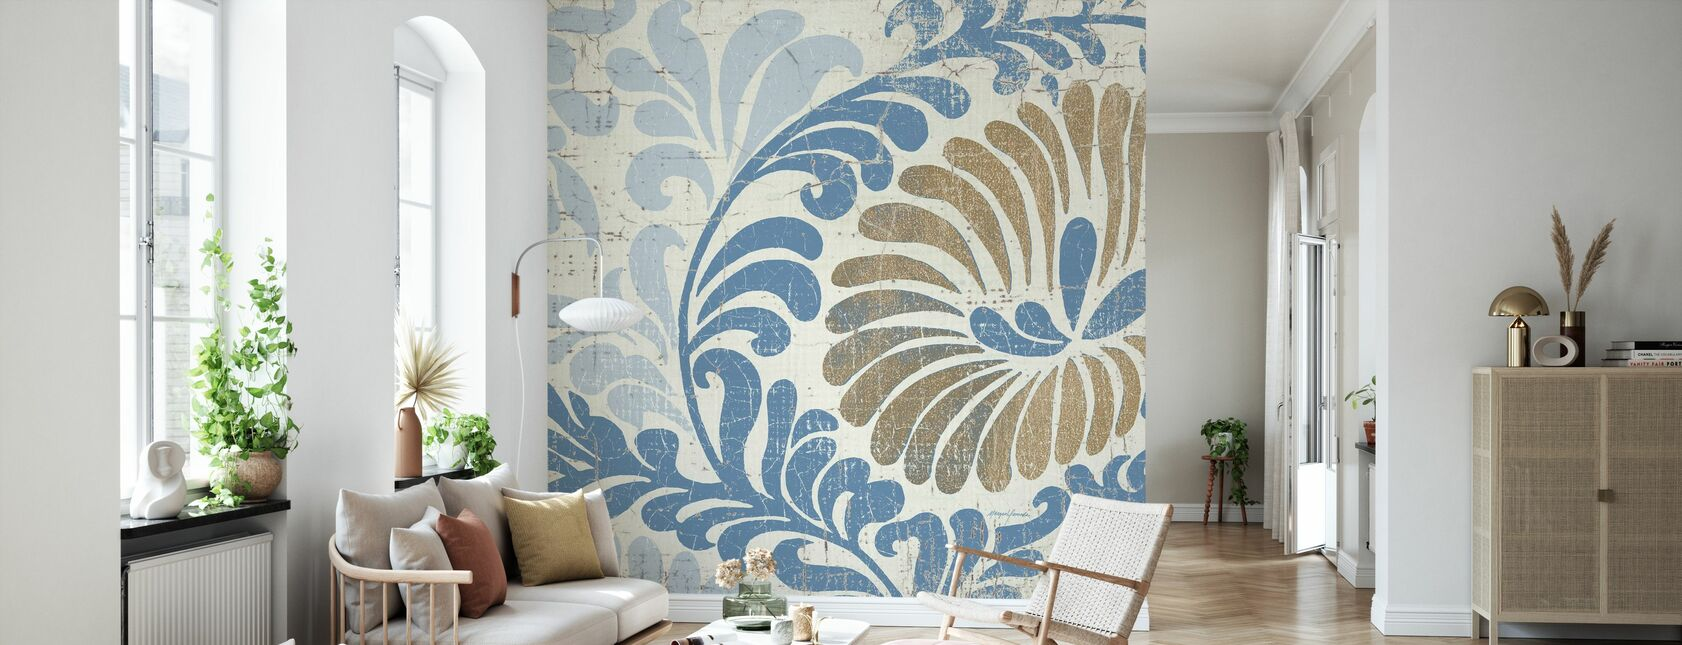 Blue Shanghai - Wallpaper - Living Room